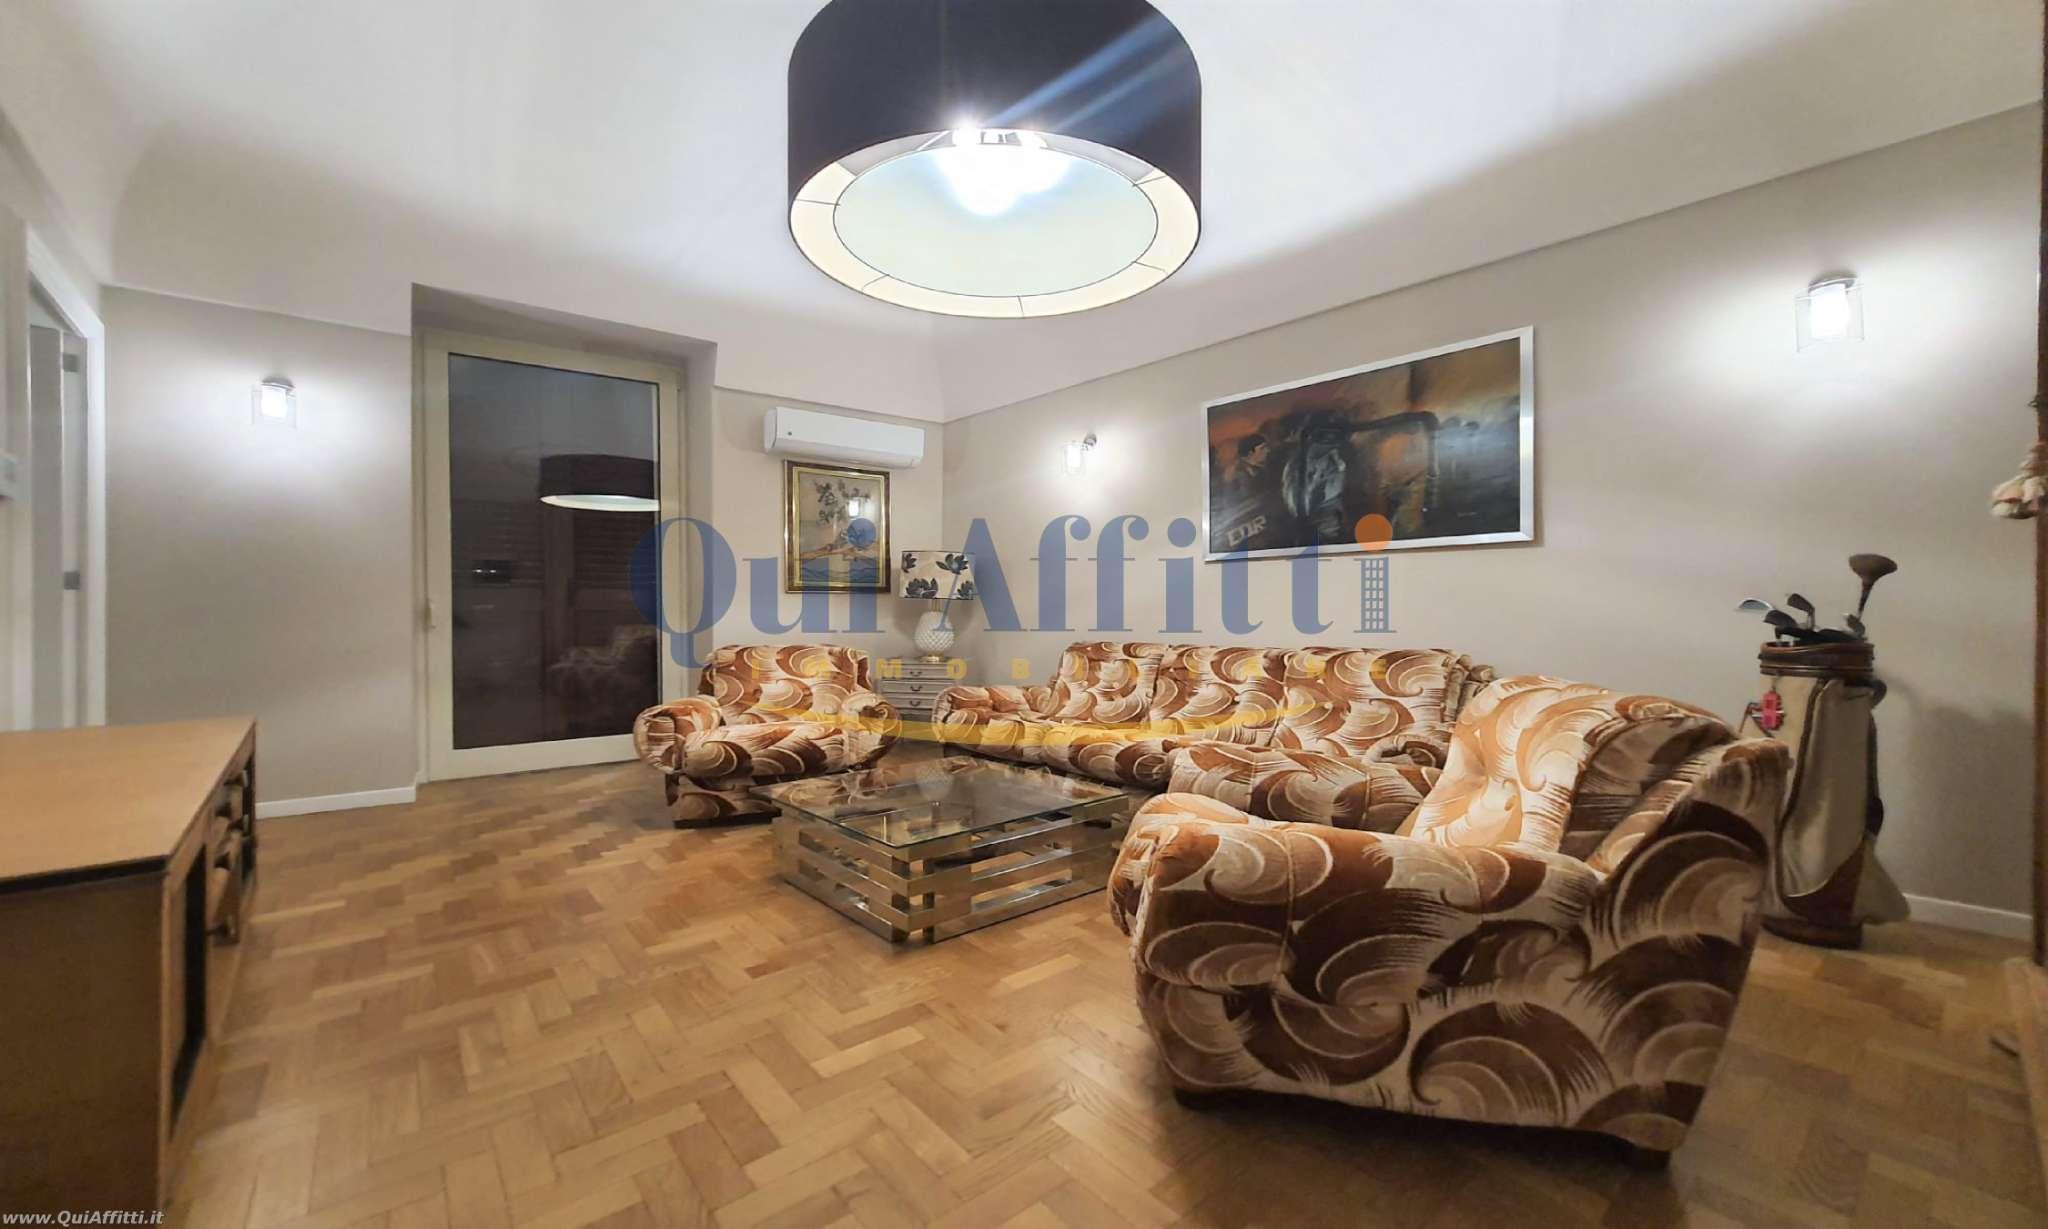 Soluzione Indipendente in affitto a Andria, 4 locali, prezzo € 500 | PortaleAgenzieImmobiliari.it